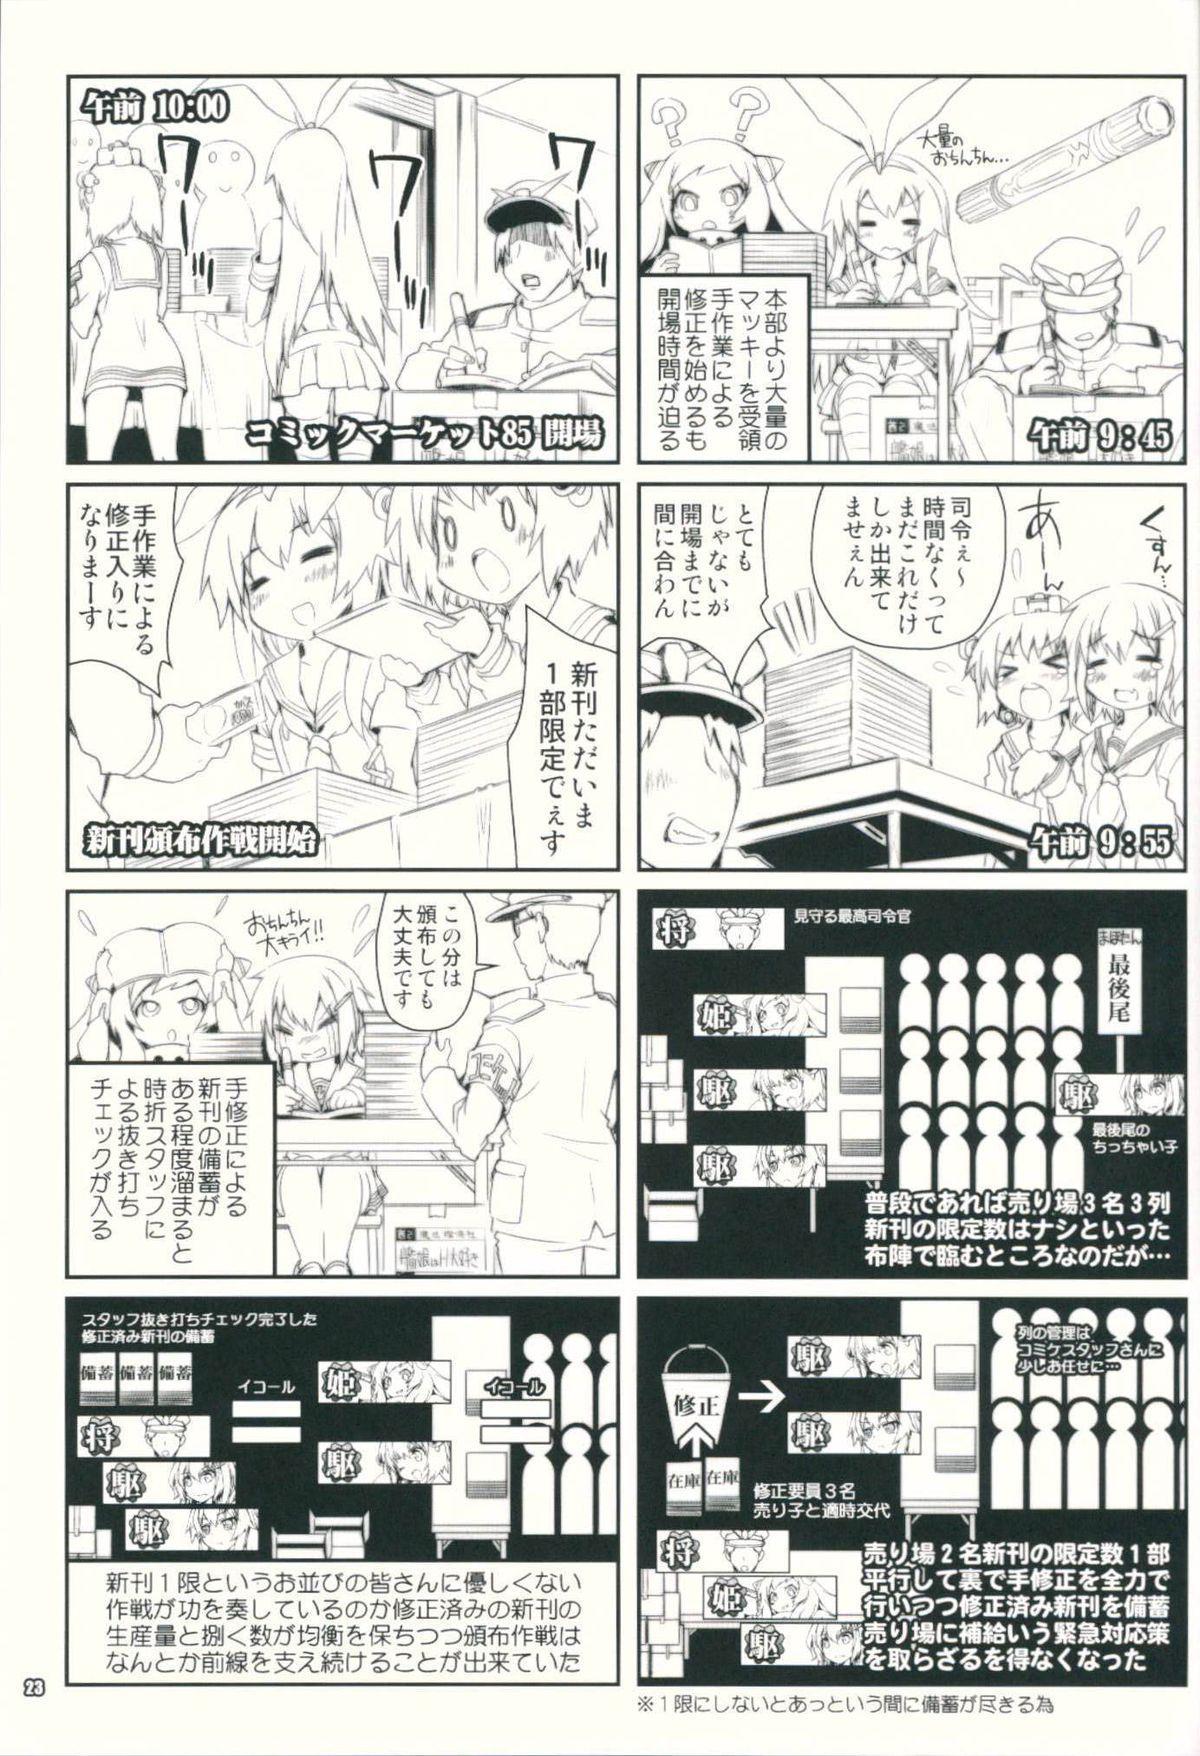 Kanmusu wa H Daisuki 3 Doko Fuku Shimakaze Amatsukaze 21